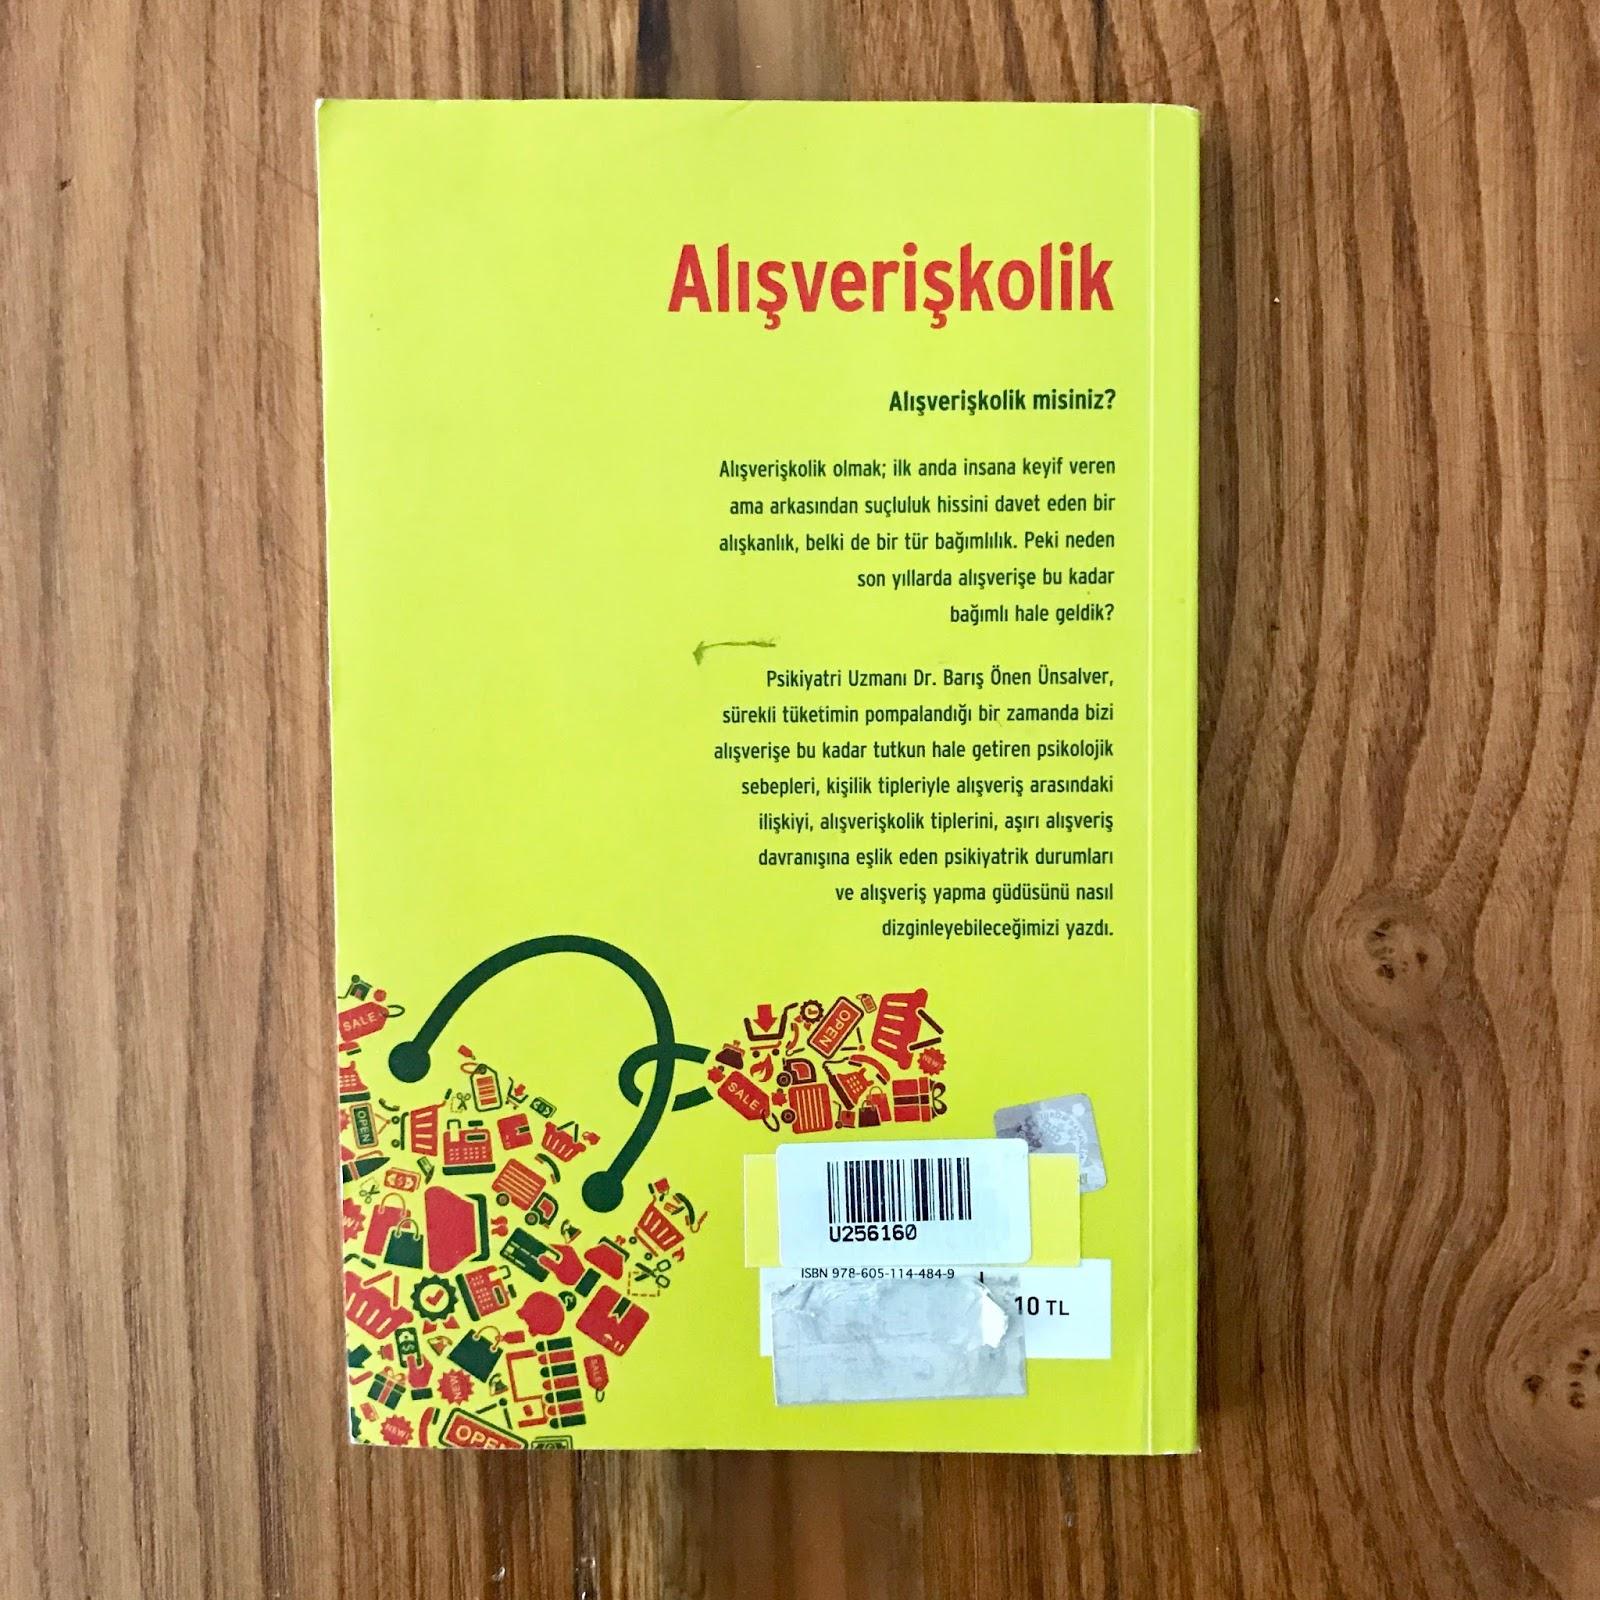 Alisveriskolik - Tuketirken Tuketen Takinti (Kitap) Arka Kapak